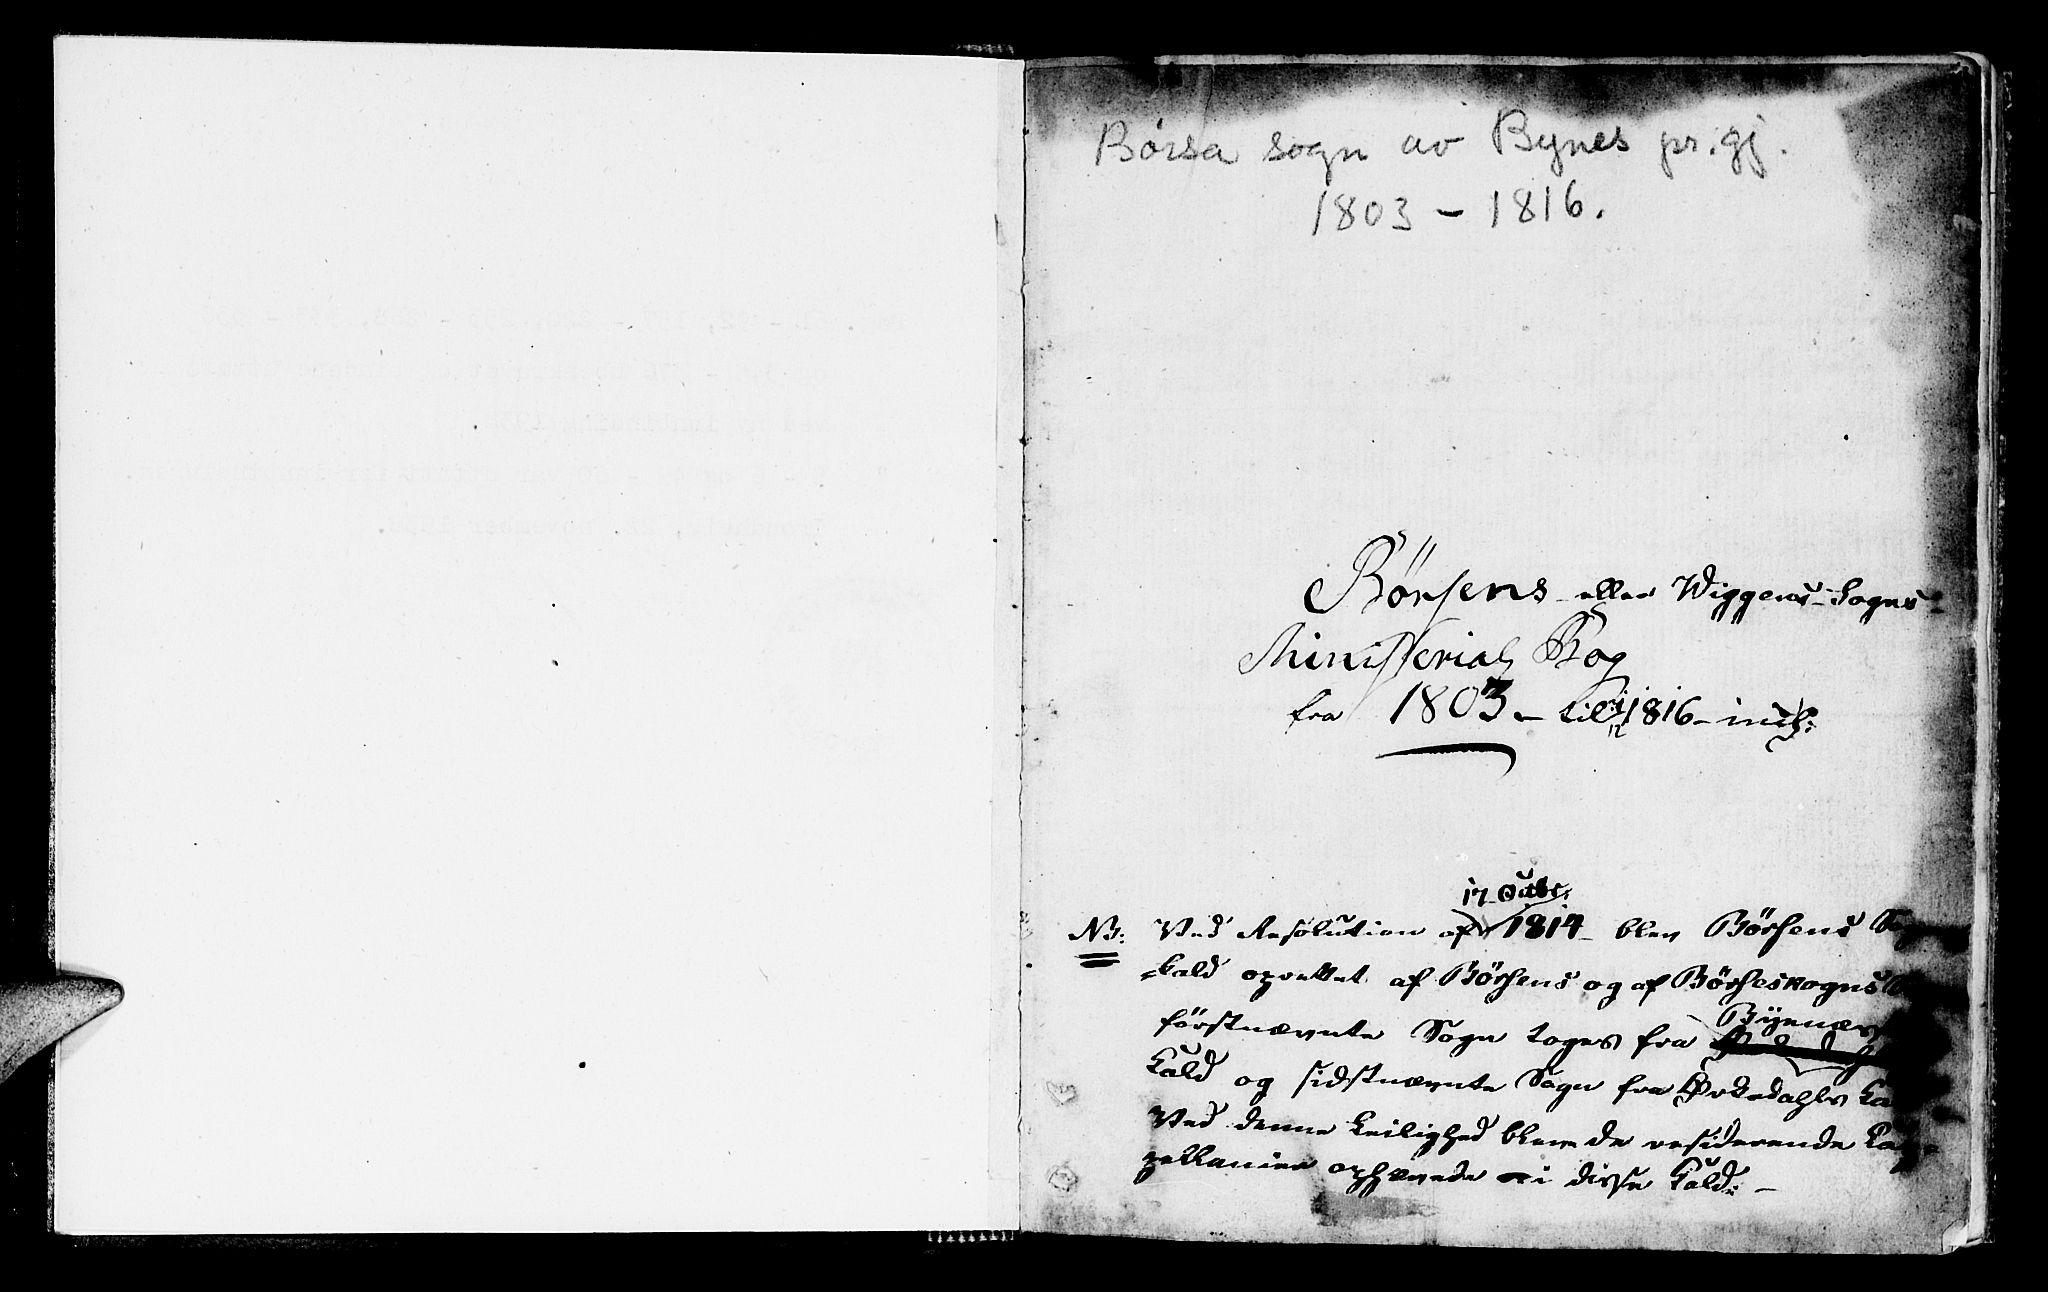 SAT, Ministerialprotokoller, klokkerbøker og fødselsregistre - Sør-Trøndelag, 665/L0769: Ministerialbok nr. 665A04, 1803-1816, s. 0-1